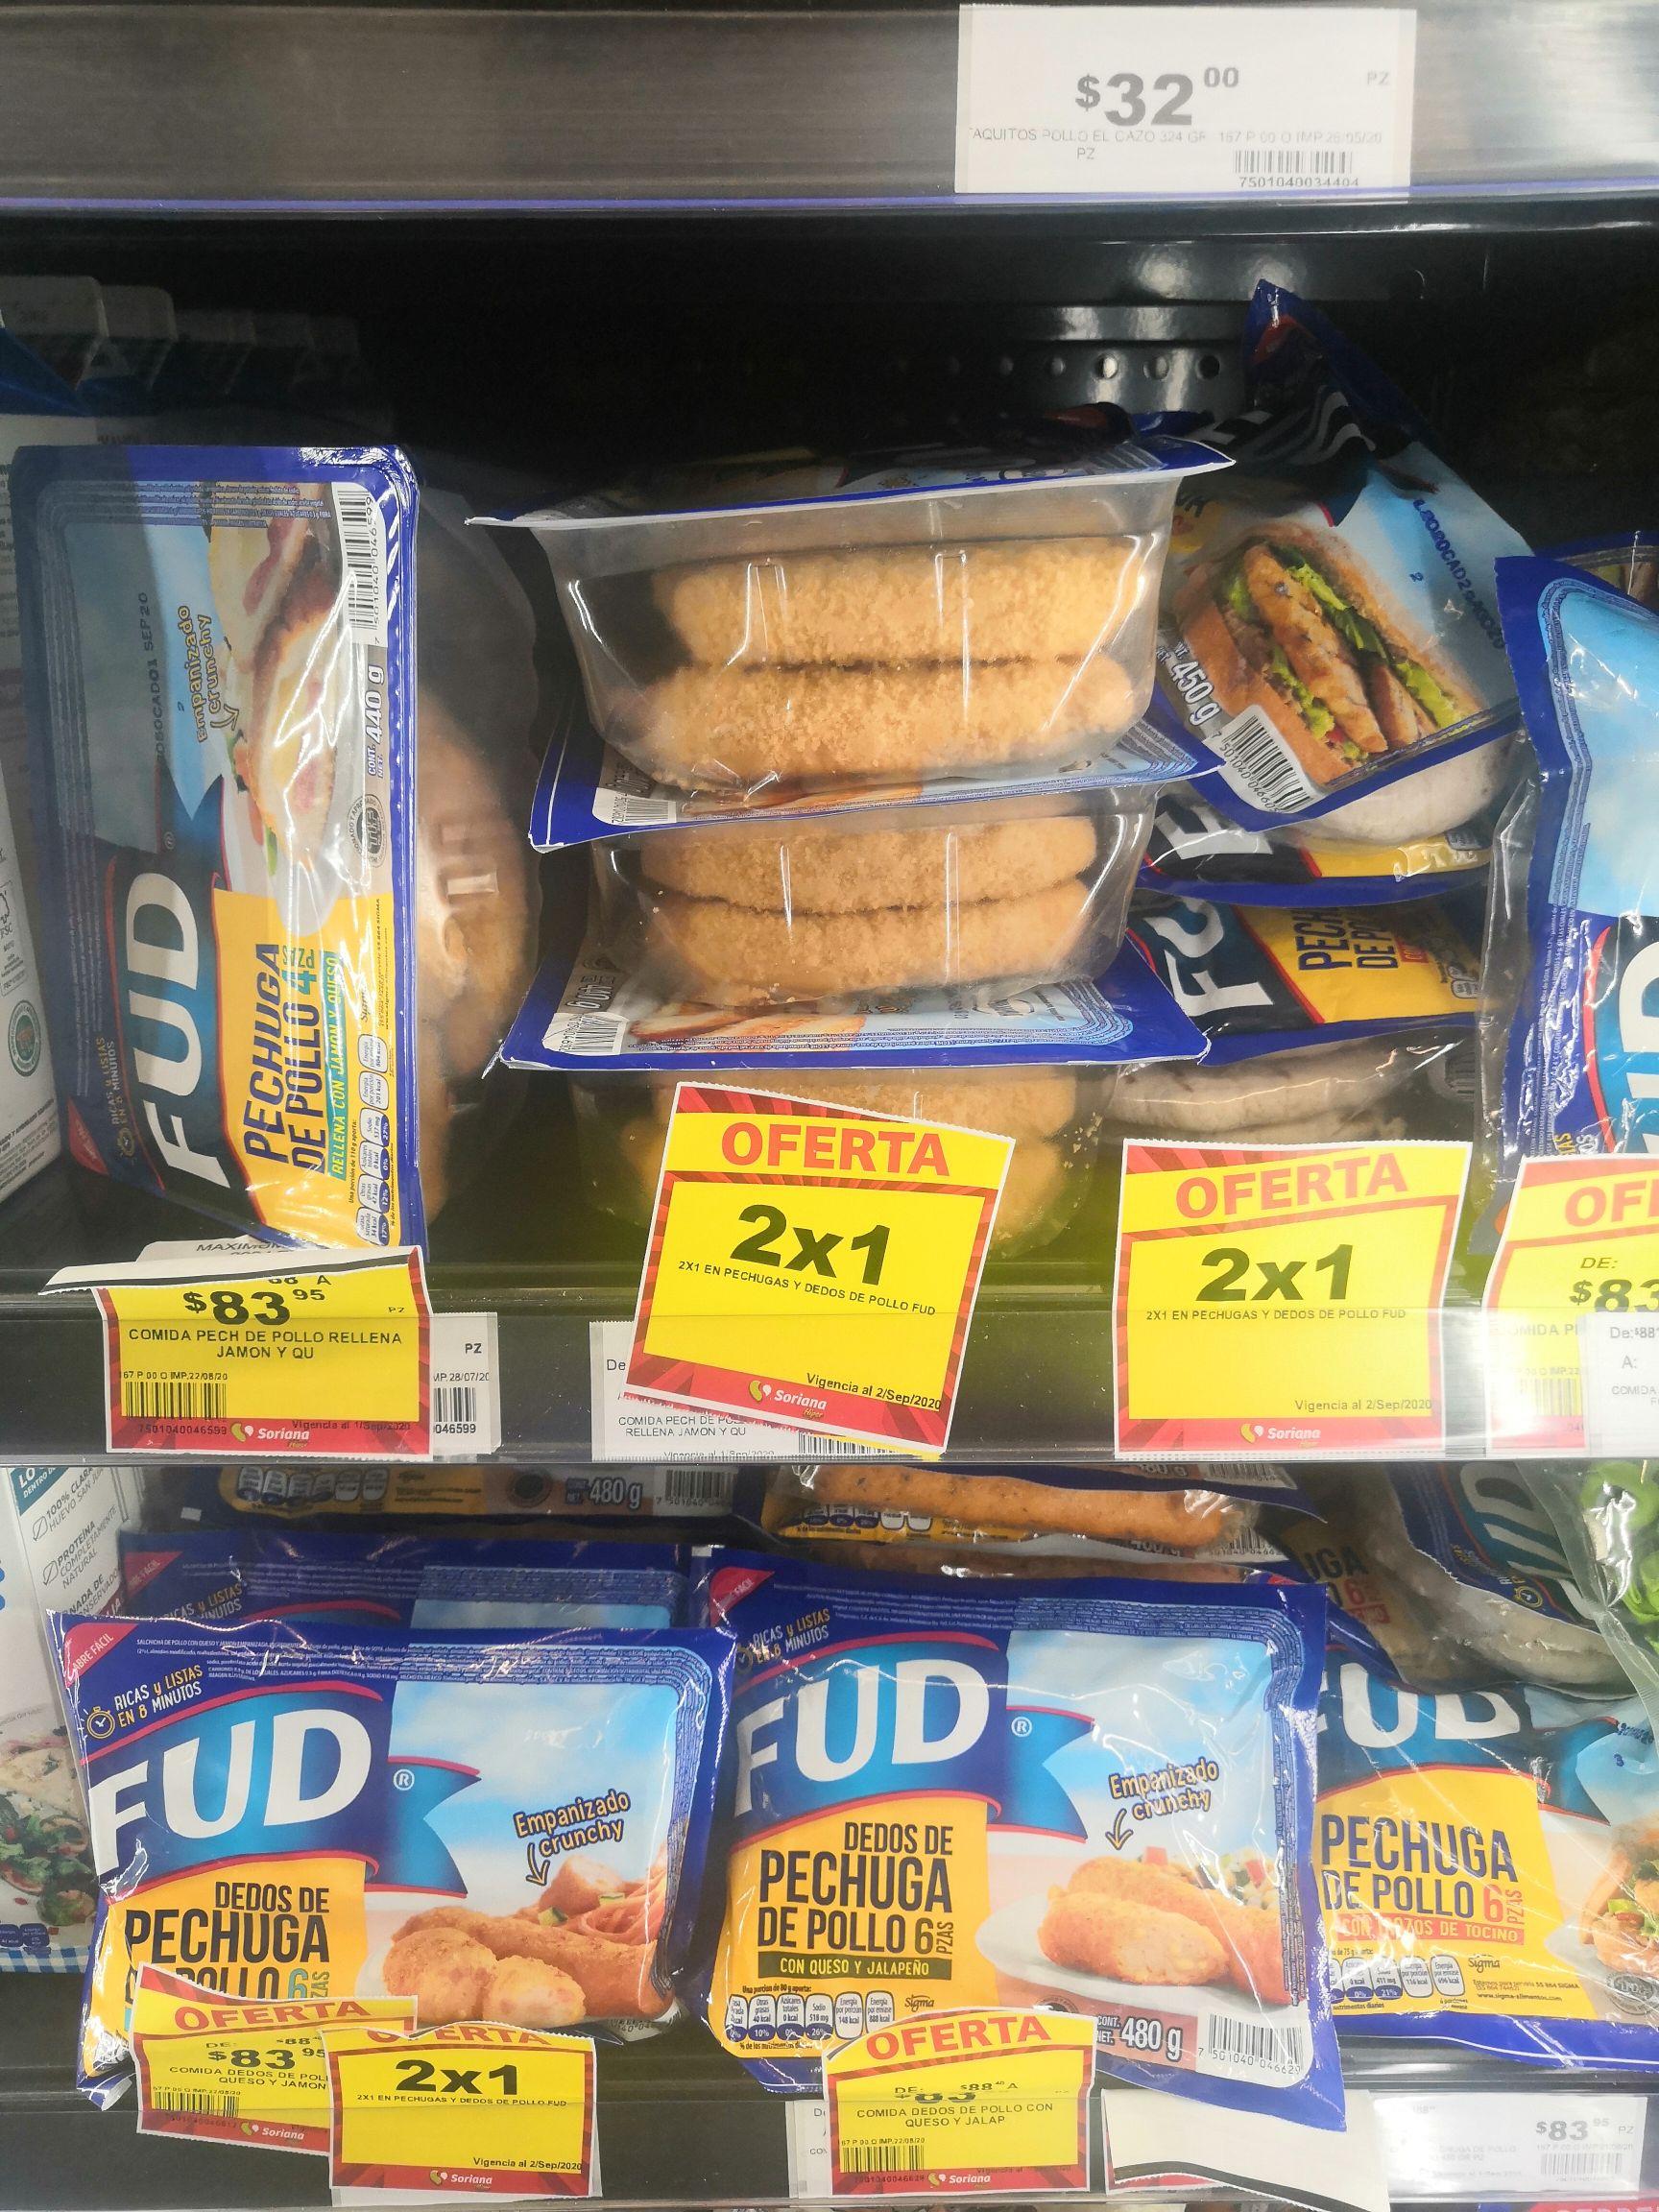 Soriana: 2 x 1 en pechugas y dedos de pollo Fud